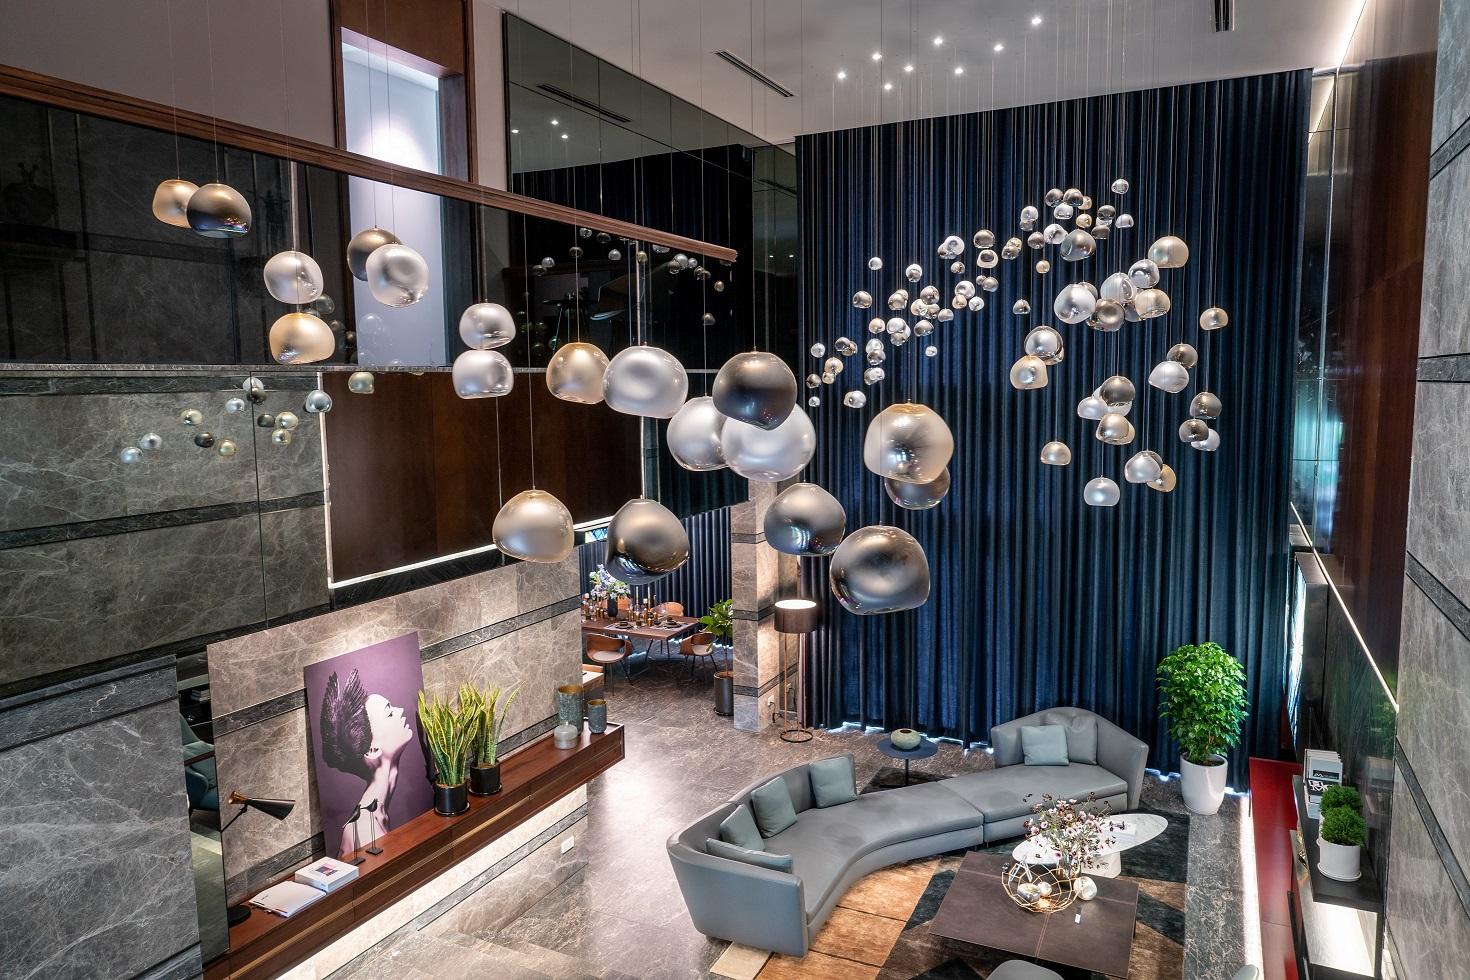 Khám phá nội thất xa xỉ của biệt thự triệu đô ở ngoại ô Hà Nội